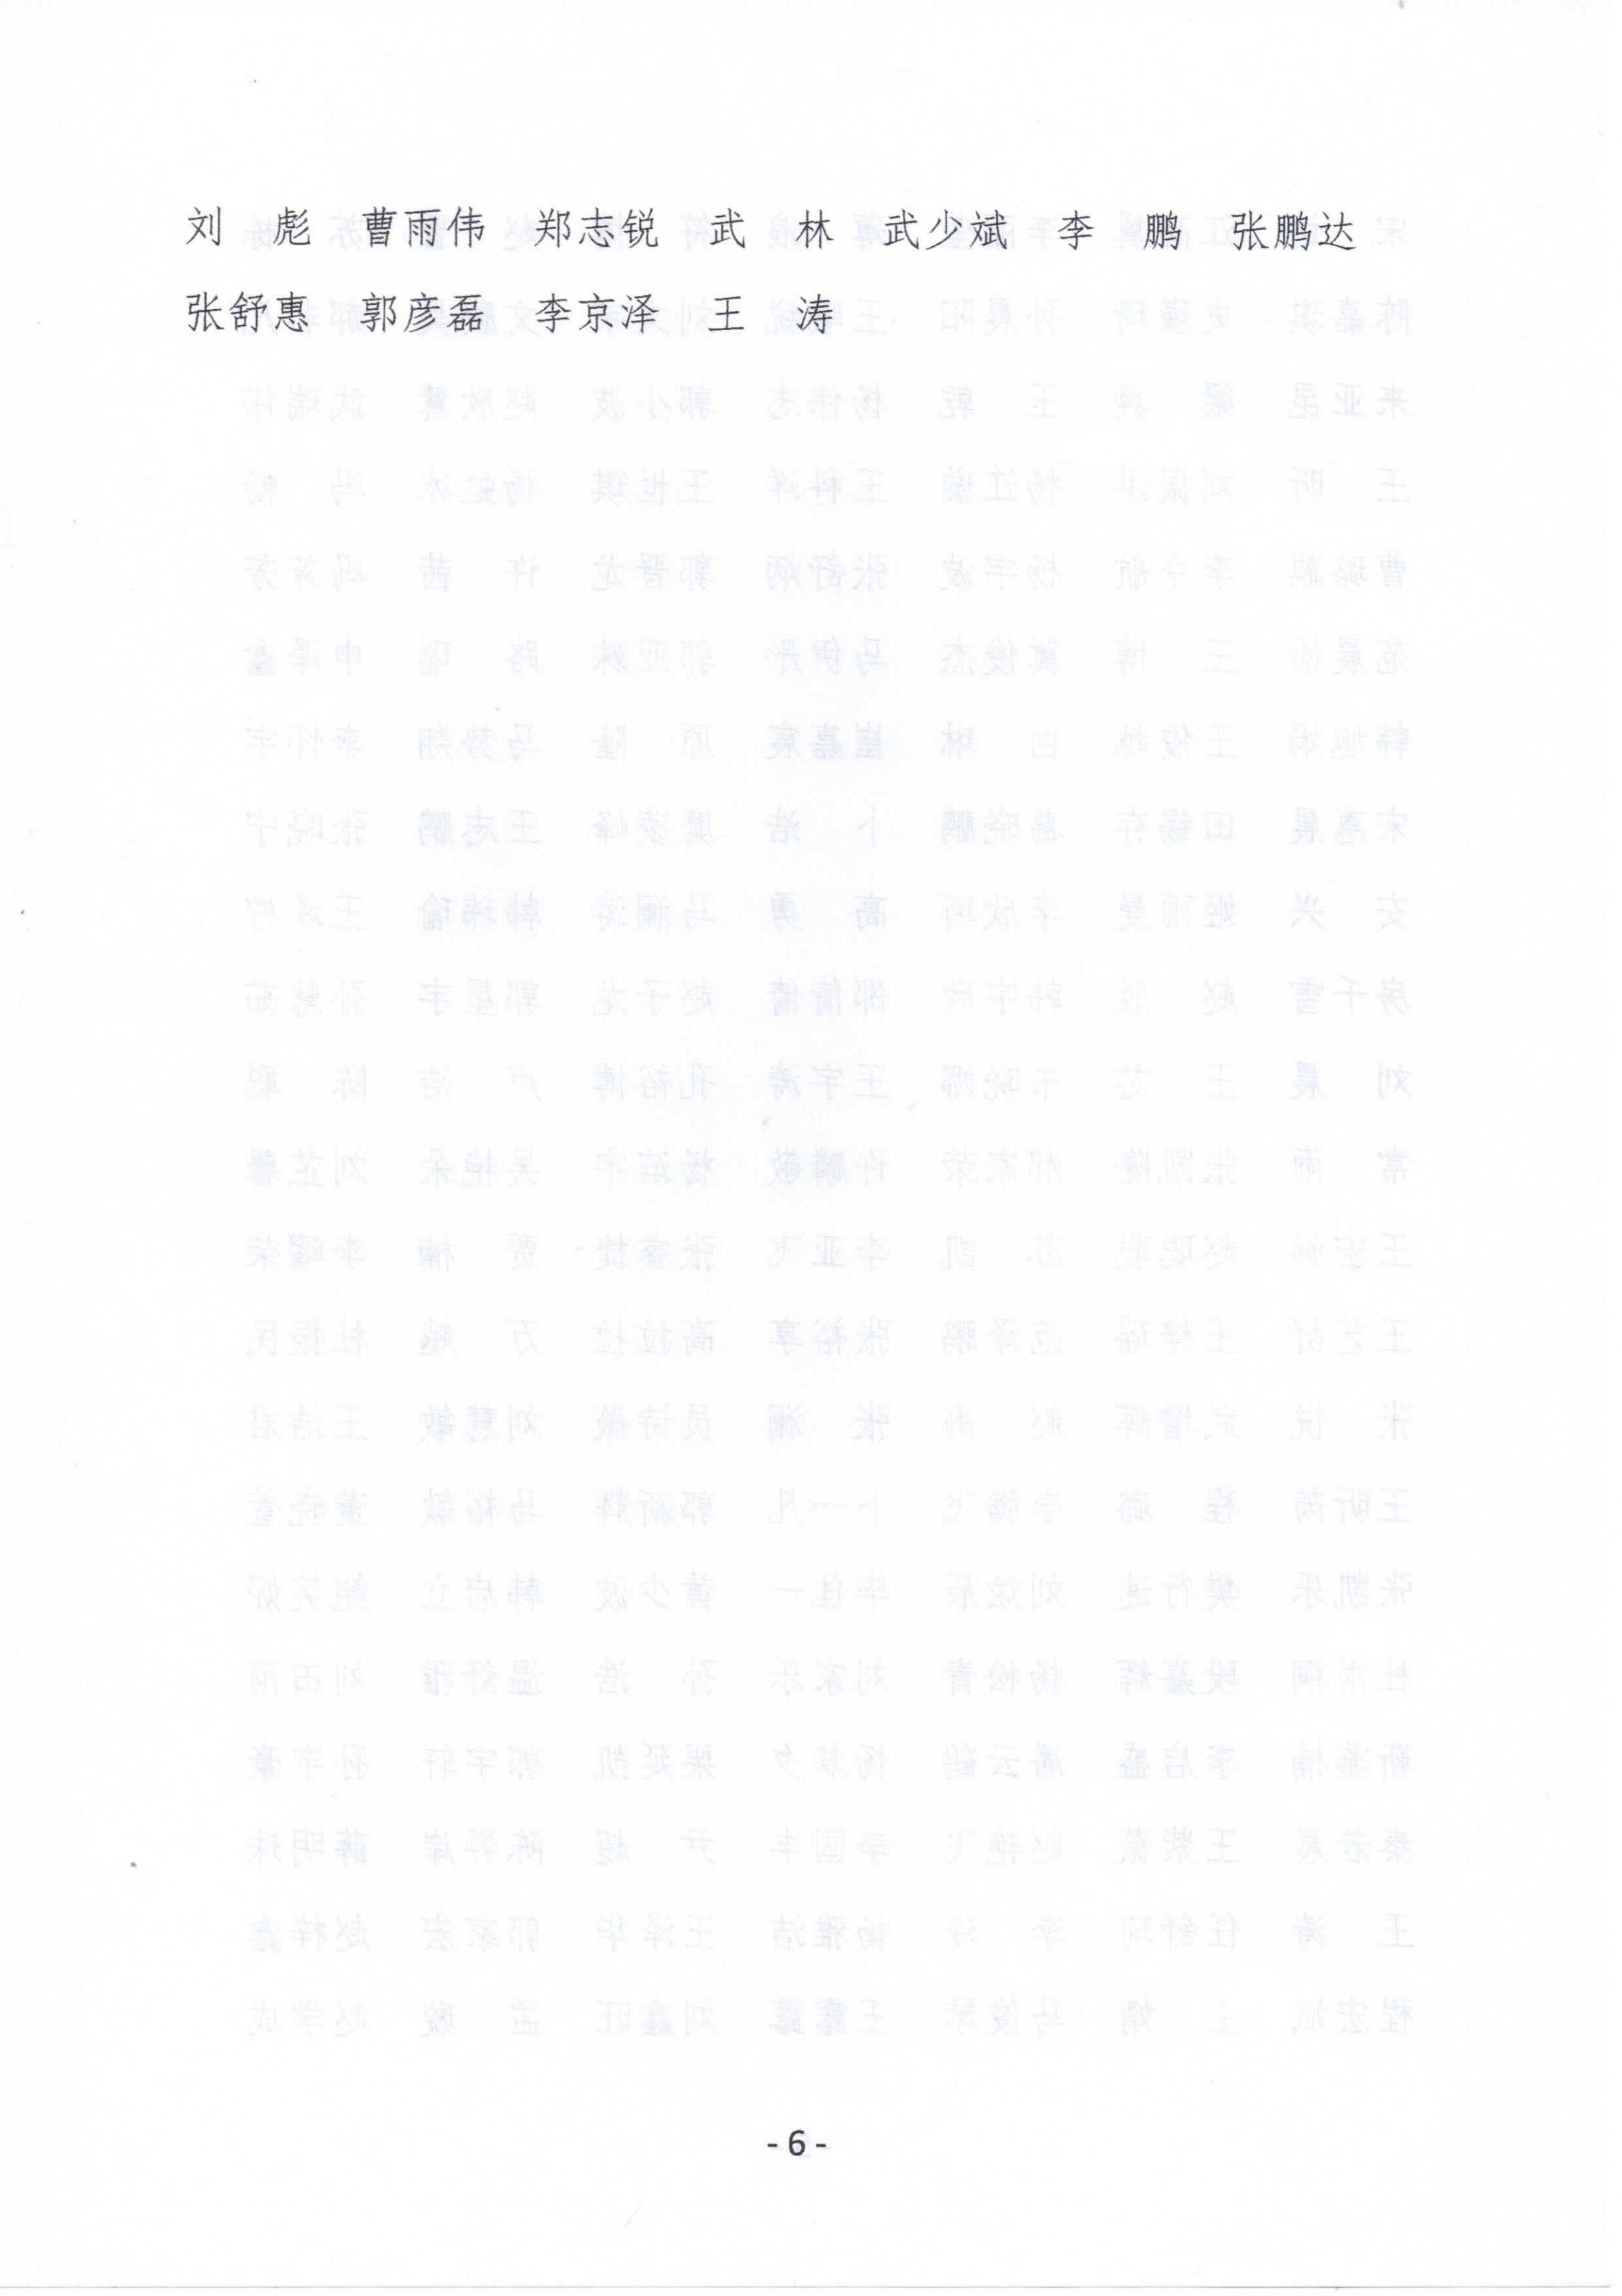 """9-晋科院团[2019]9号--关于表彰2018年度""""五四""""先进集体和优秀个人的决定_05.png"""